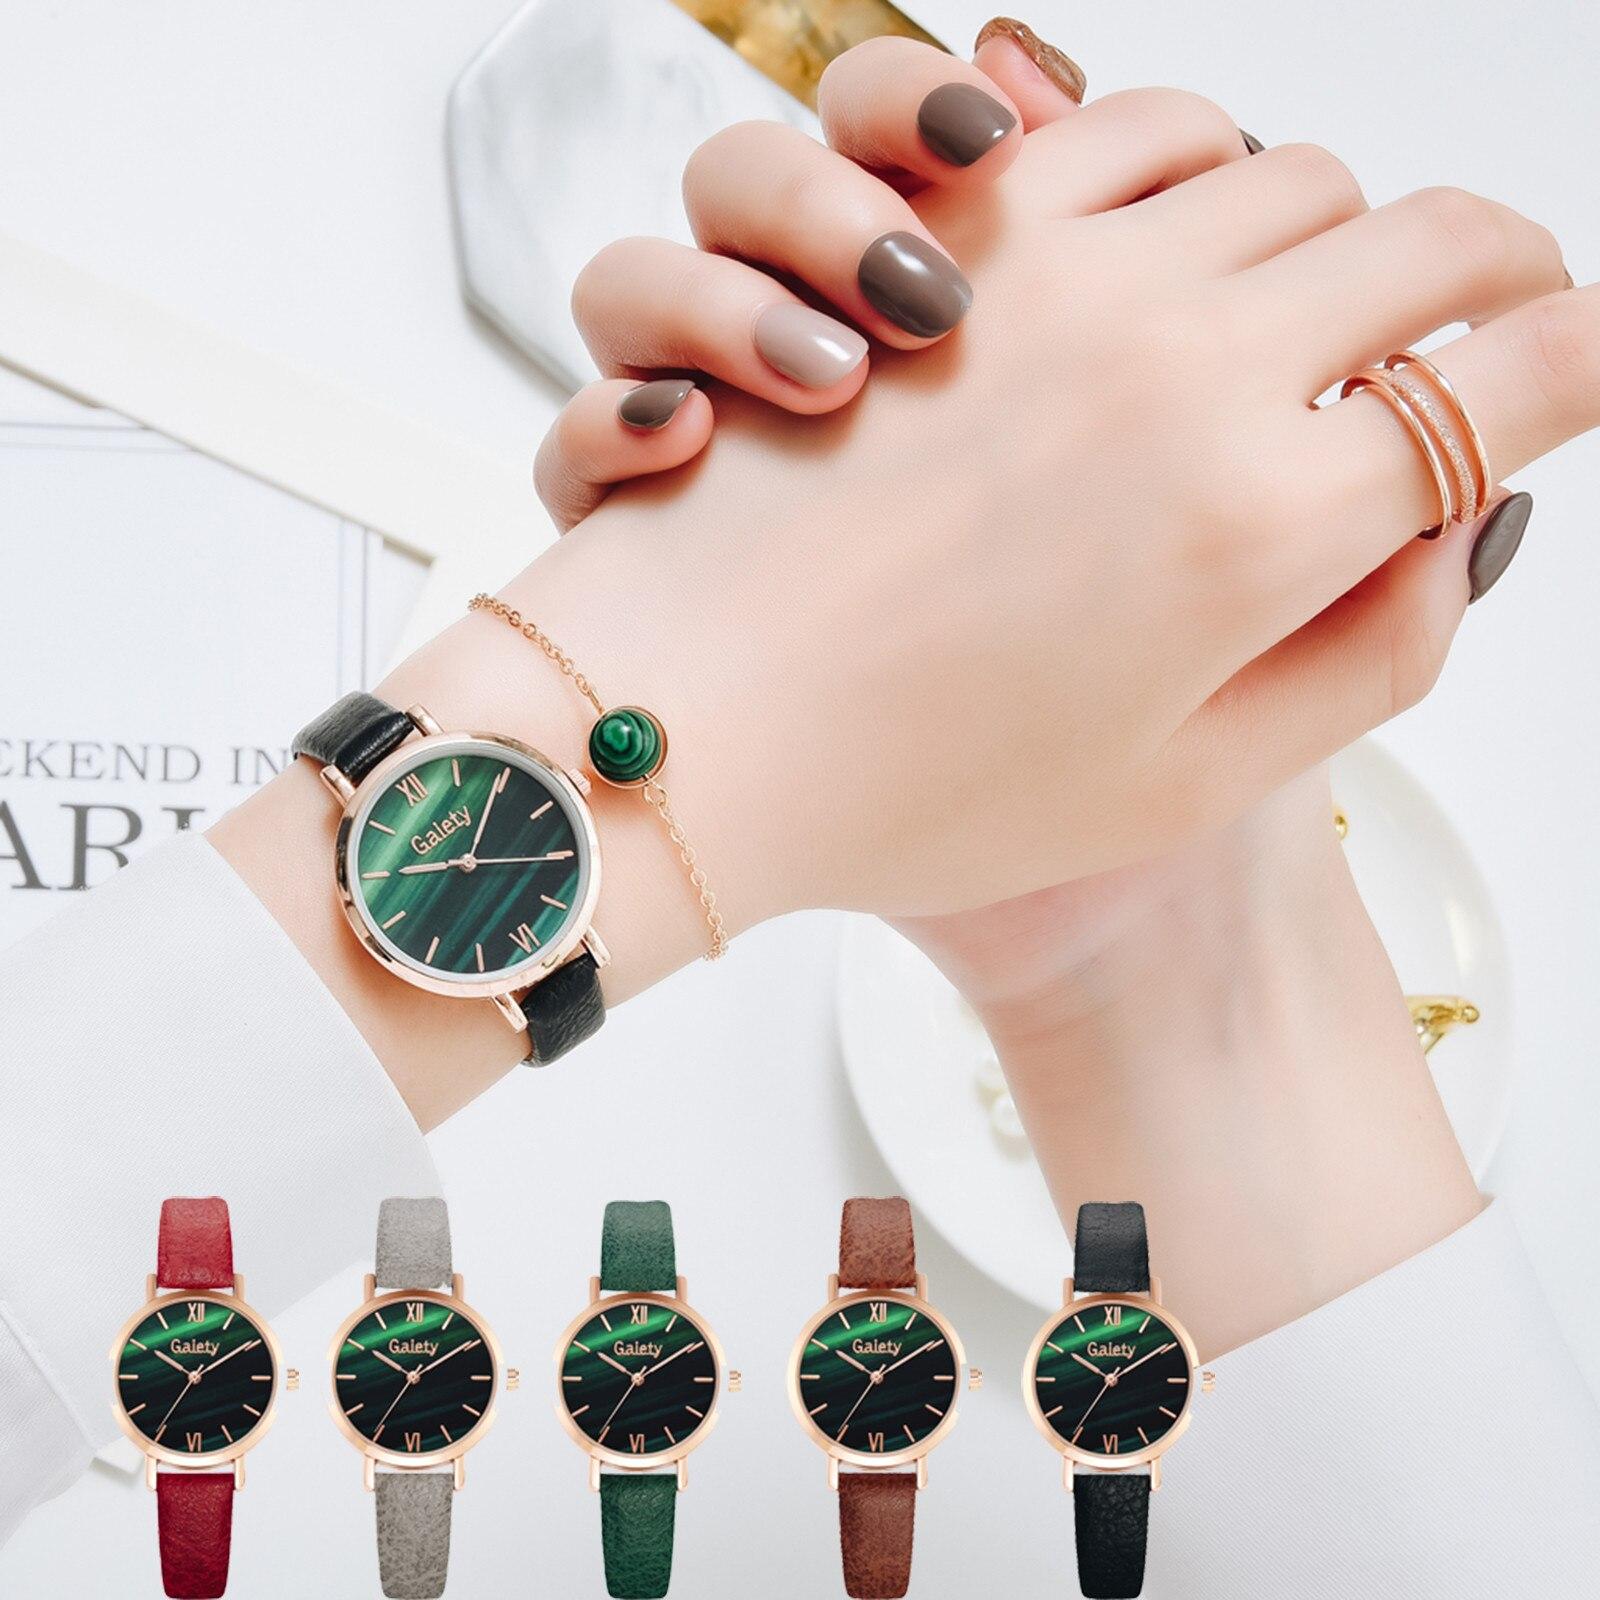 Luxury Women's Stainless Steel Jewelry Temperament Ladies Belt Watch Analog Arabic Digital Quartz Watch часы брендовые женские